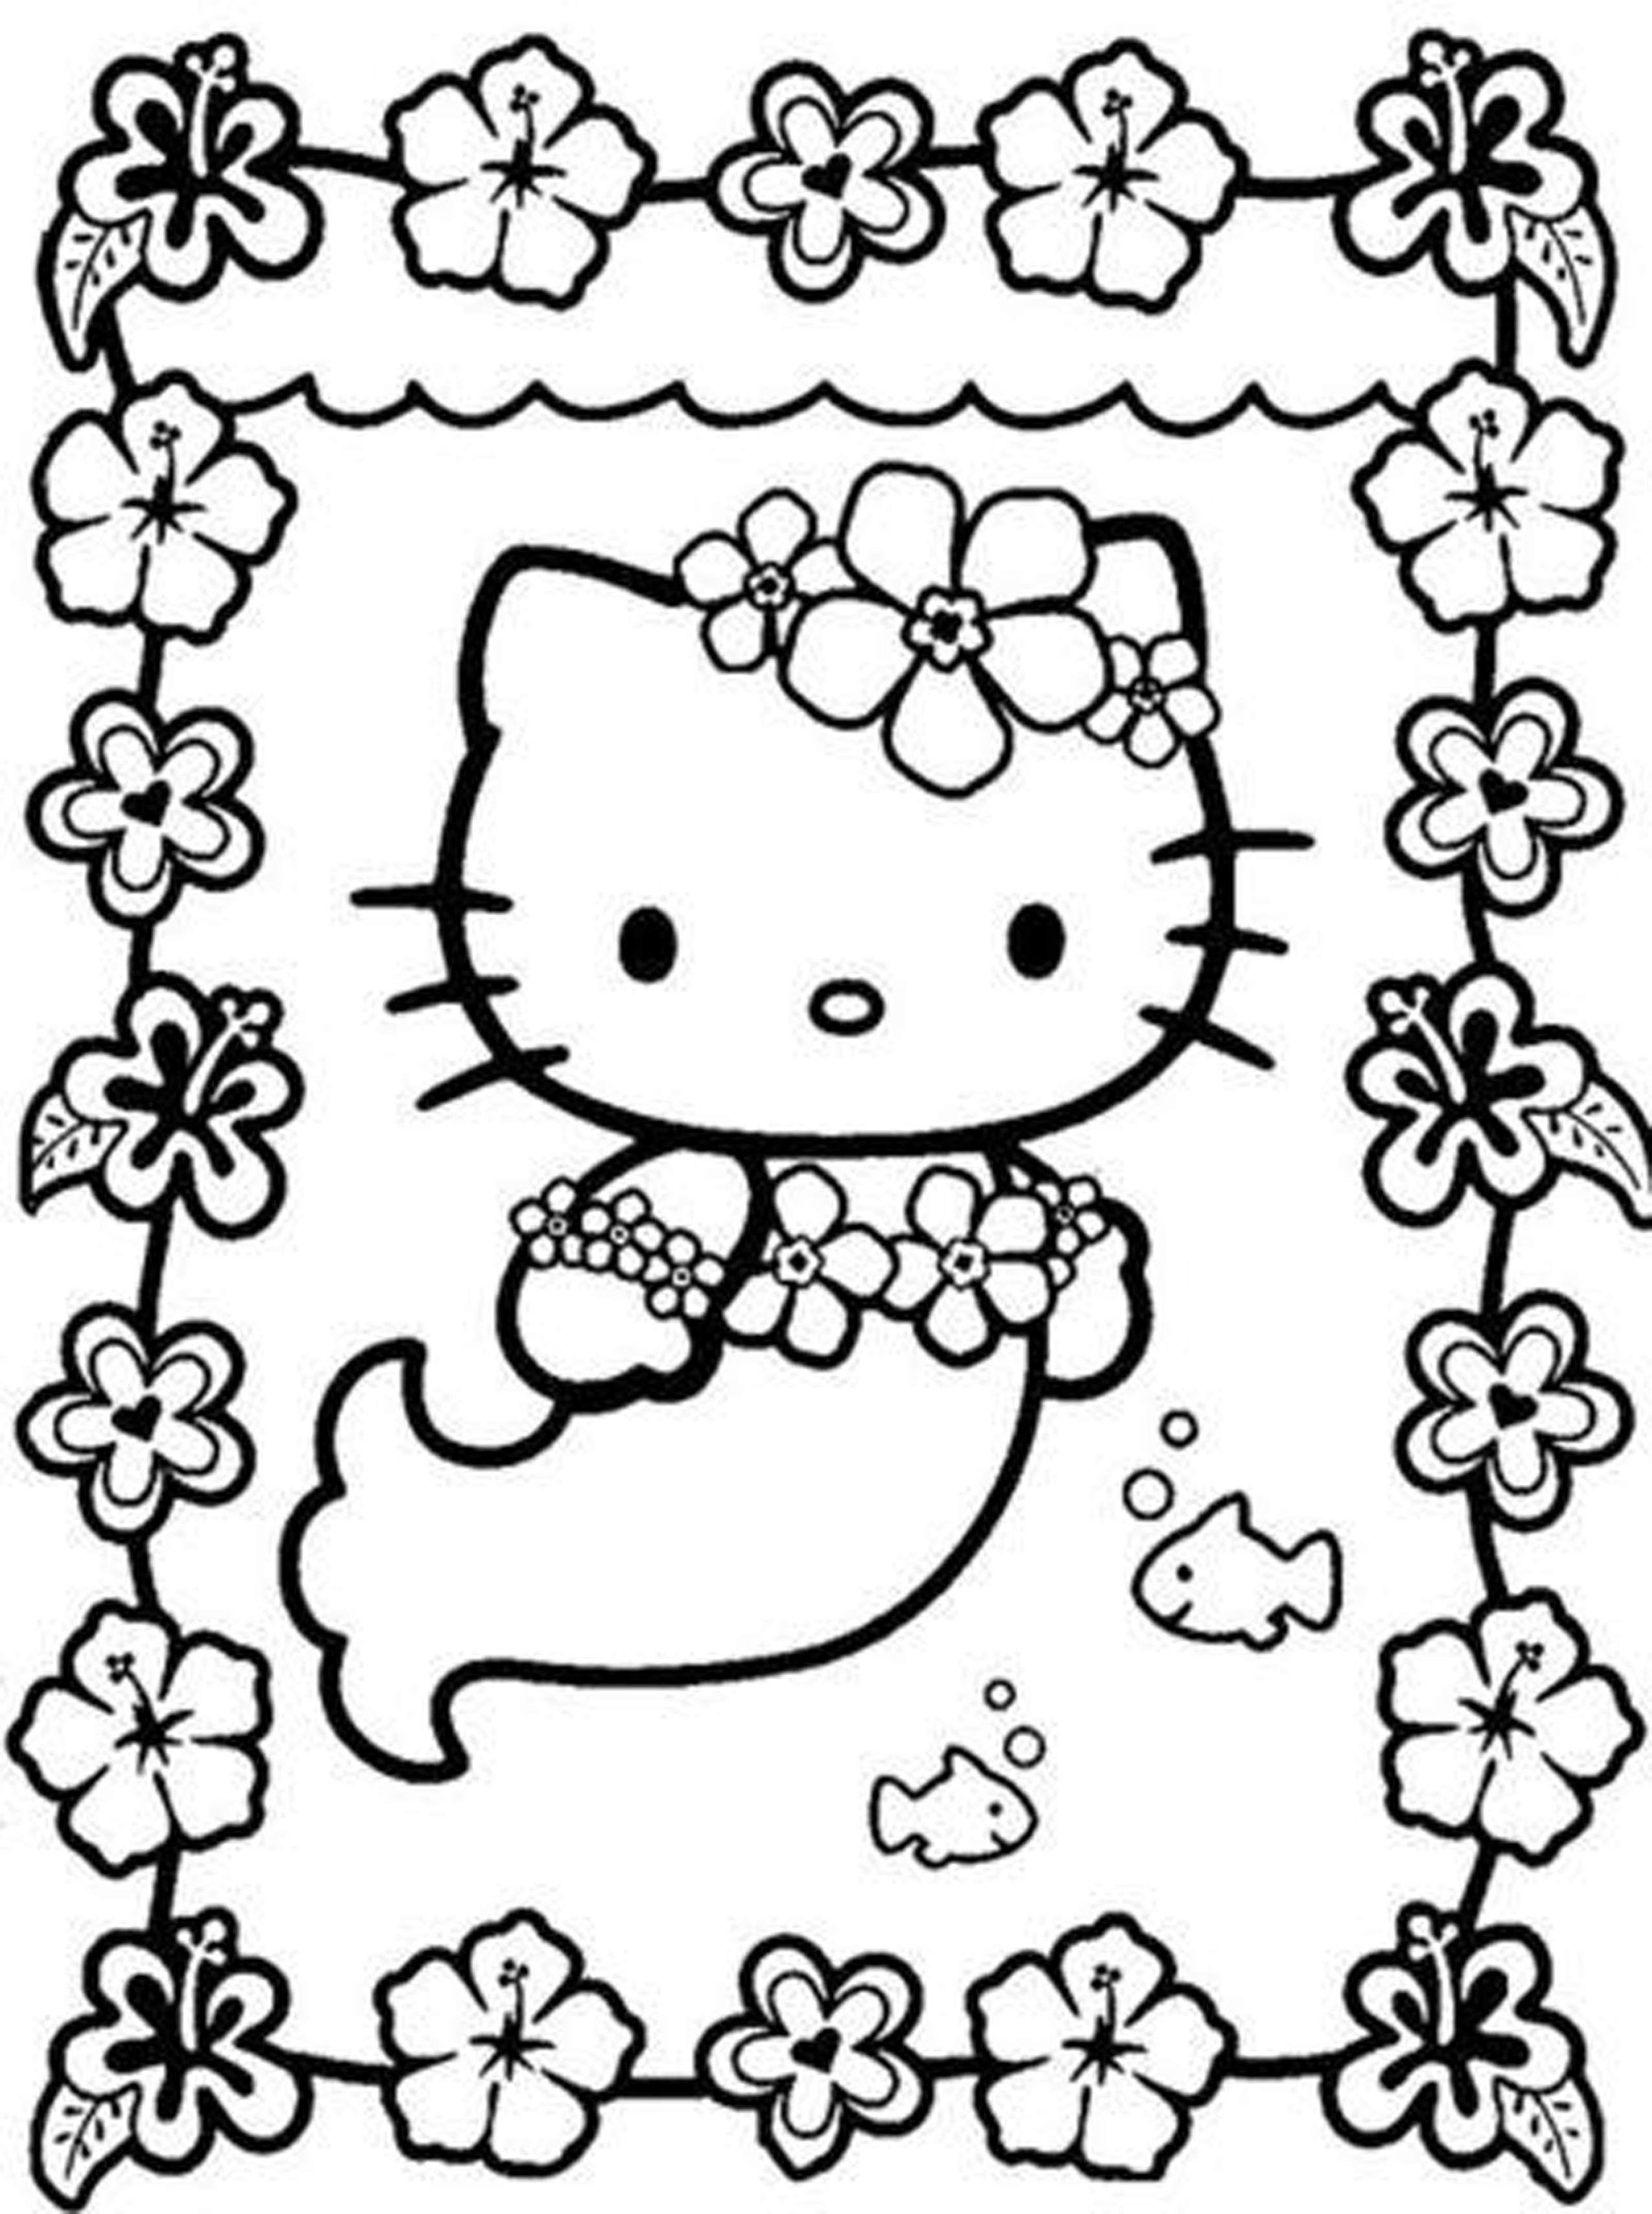 Meilleur De Image A Imprimer Hello Kitty En Couleur